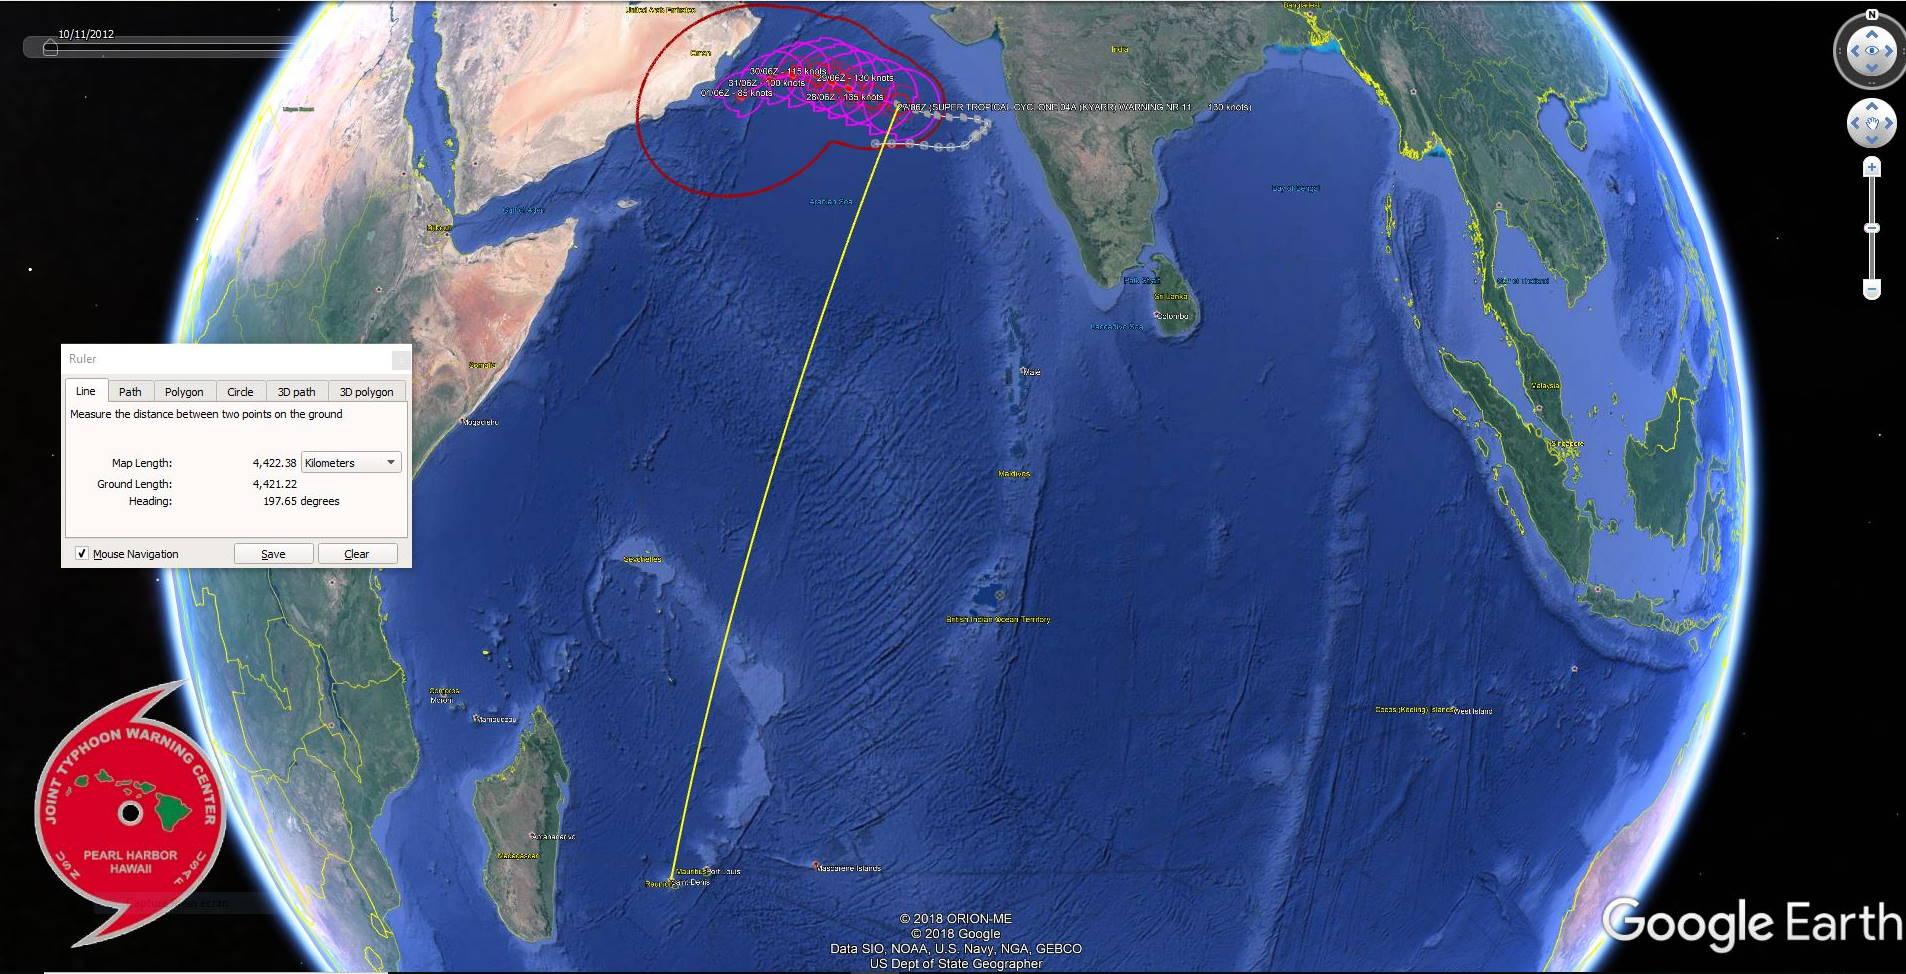 Le Super Cyclone est à 4400 km de la Réunion et ne représente aucun danger pour les îles du Sud Ouest Indien. US NAVY